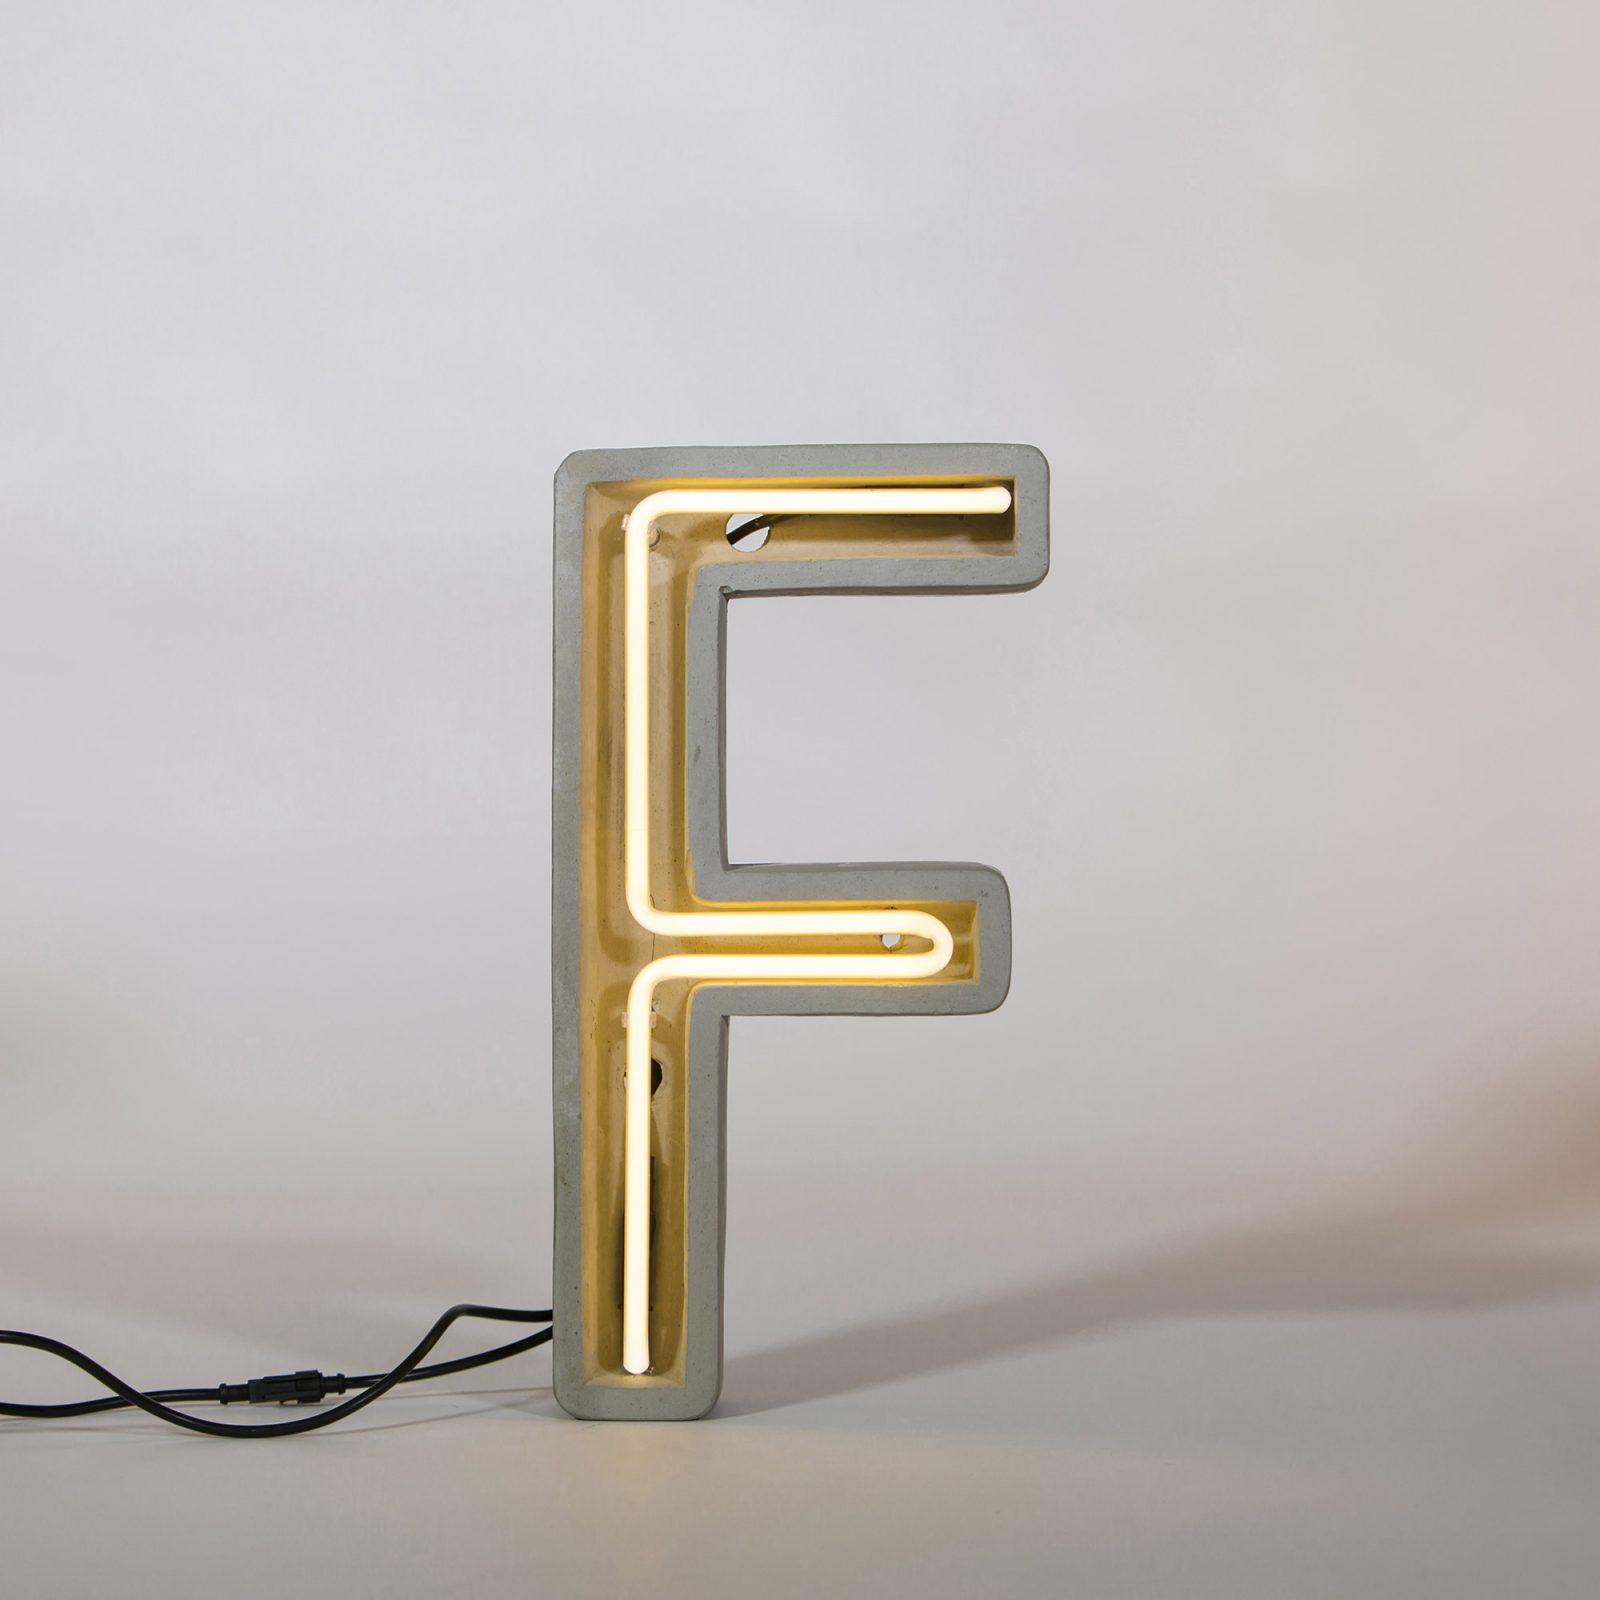 Alphacrete, Concrete Neon Light – F-32178